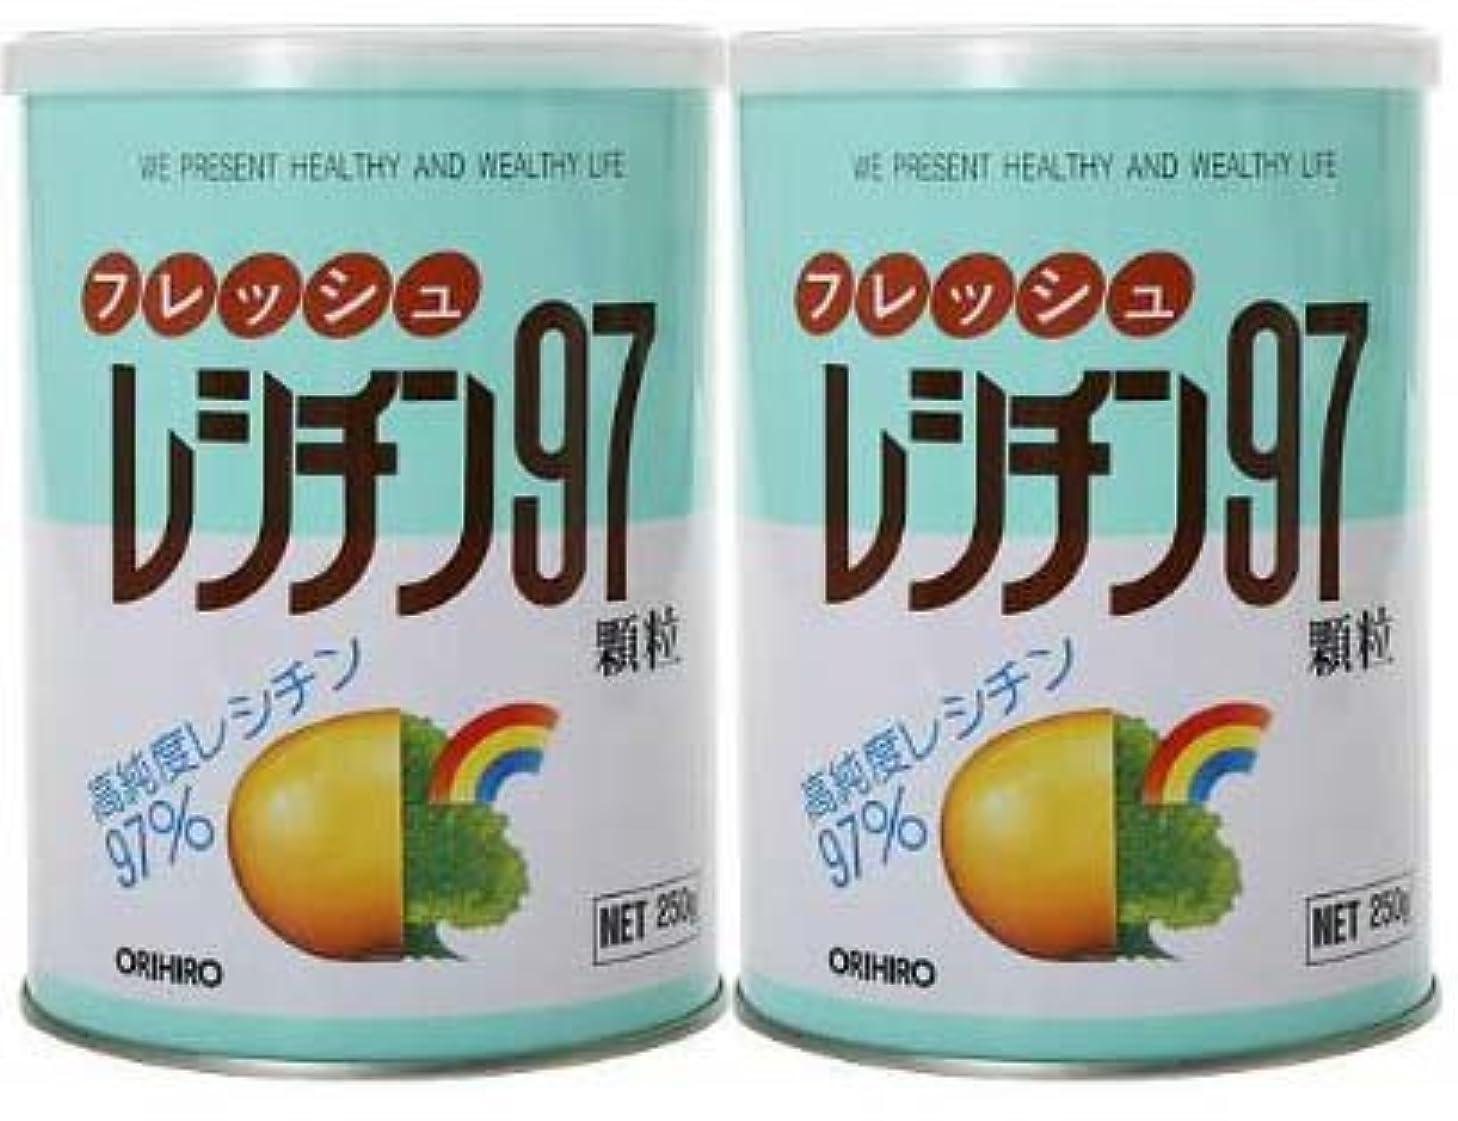 帽子マネージャー逃げるオリヒロ フレッシュレシチン97 250g【2缶セット】